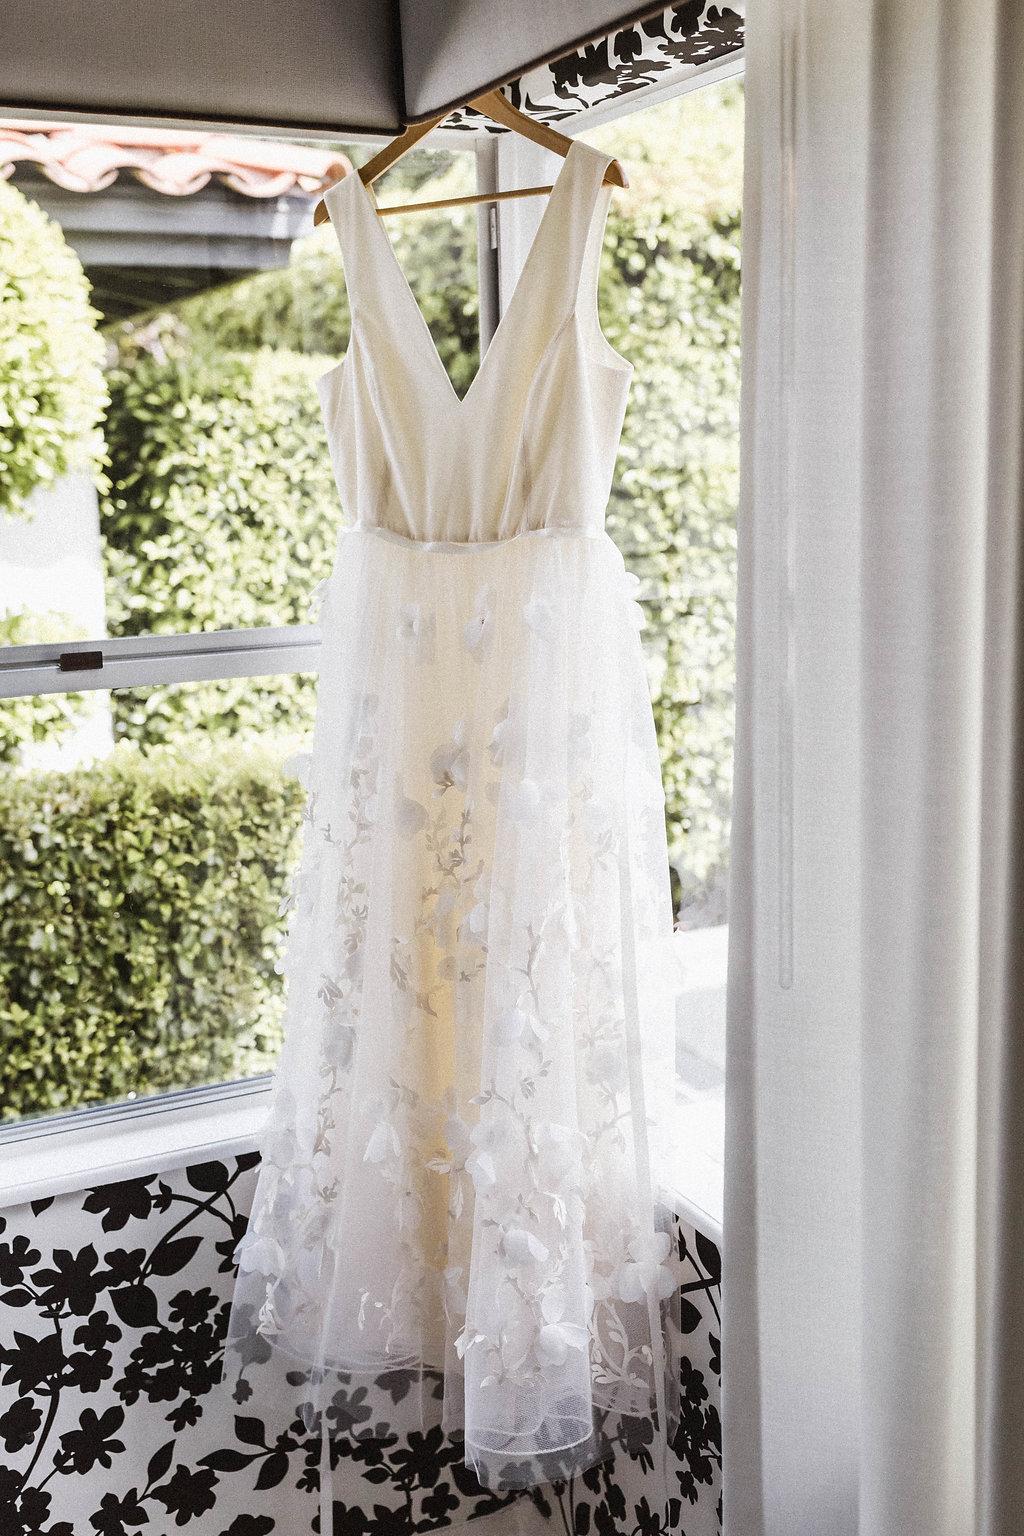 White hanging dress sheer at Avalon Palm Springs Wedding